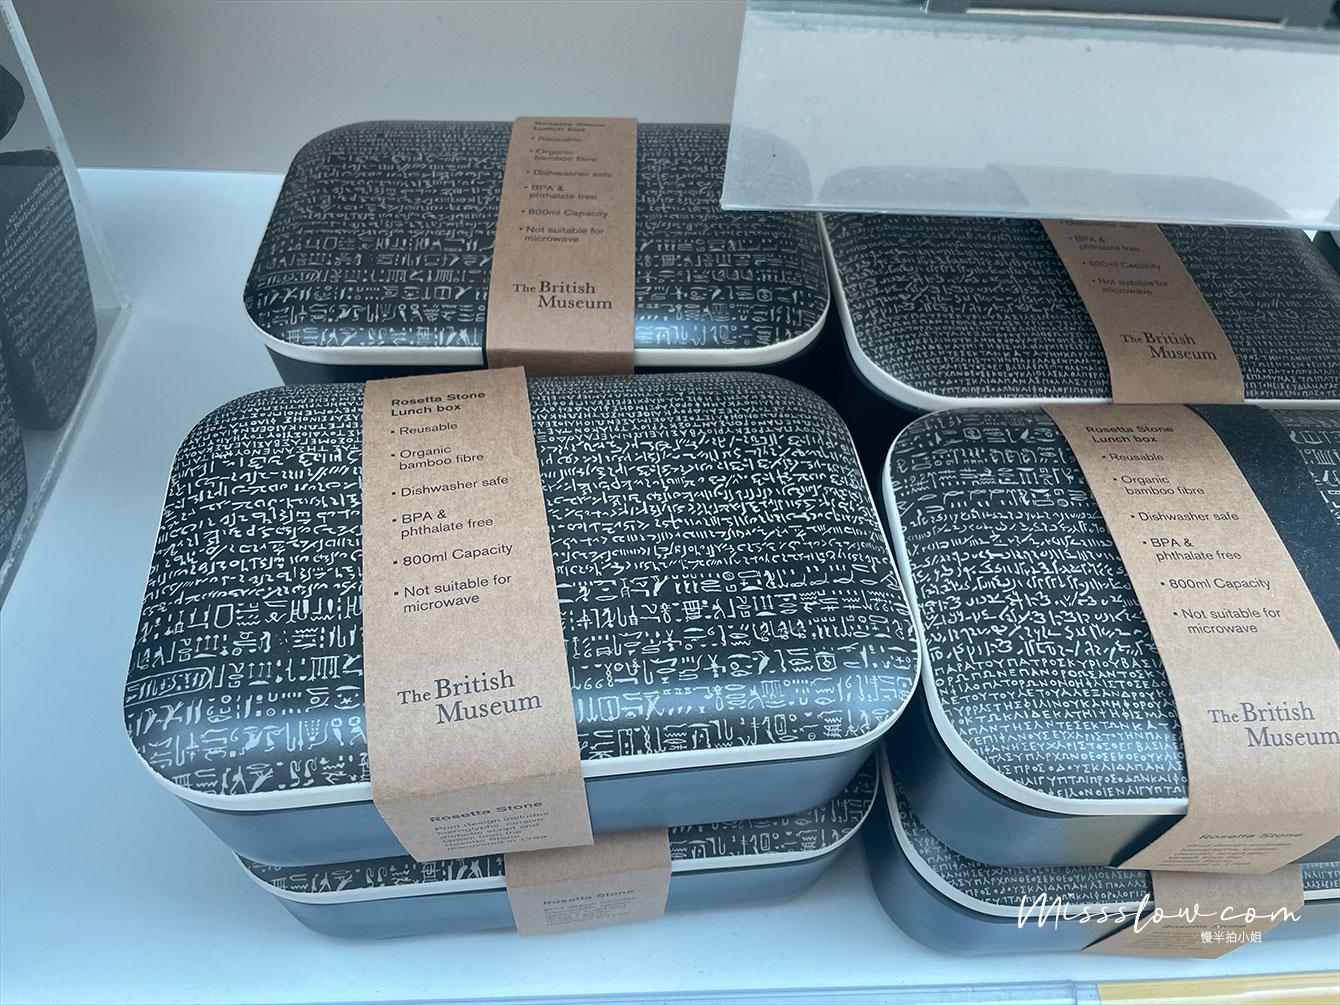 大英博物館 Rosetta stone的周邊紀念品-便當盒